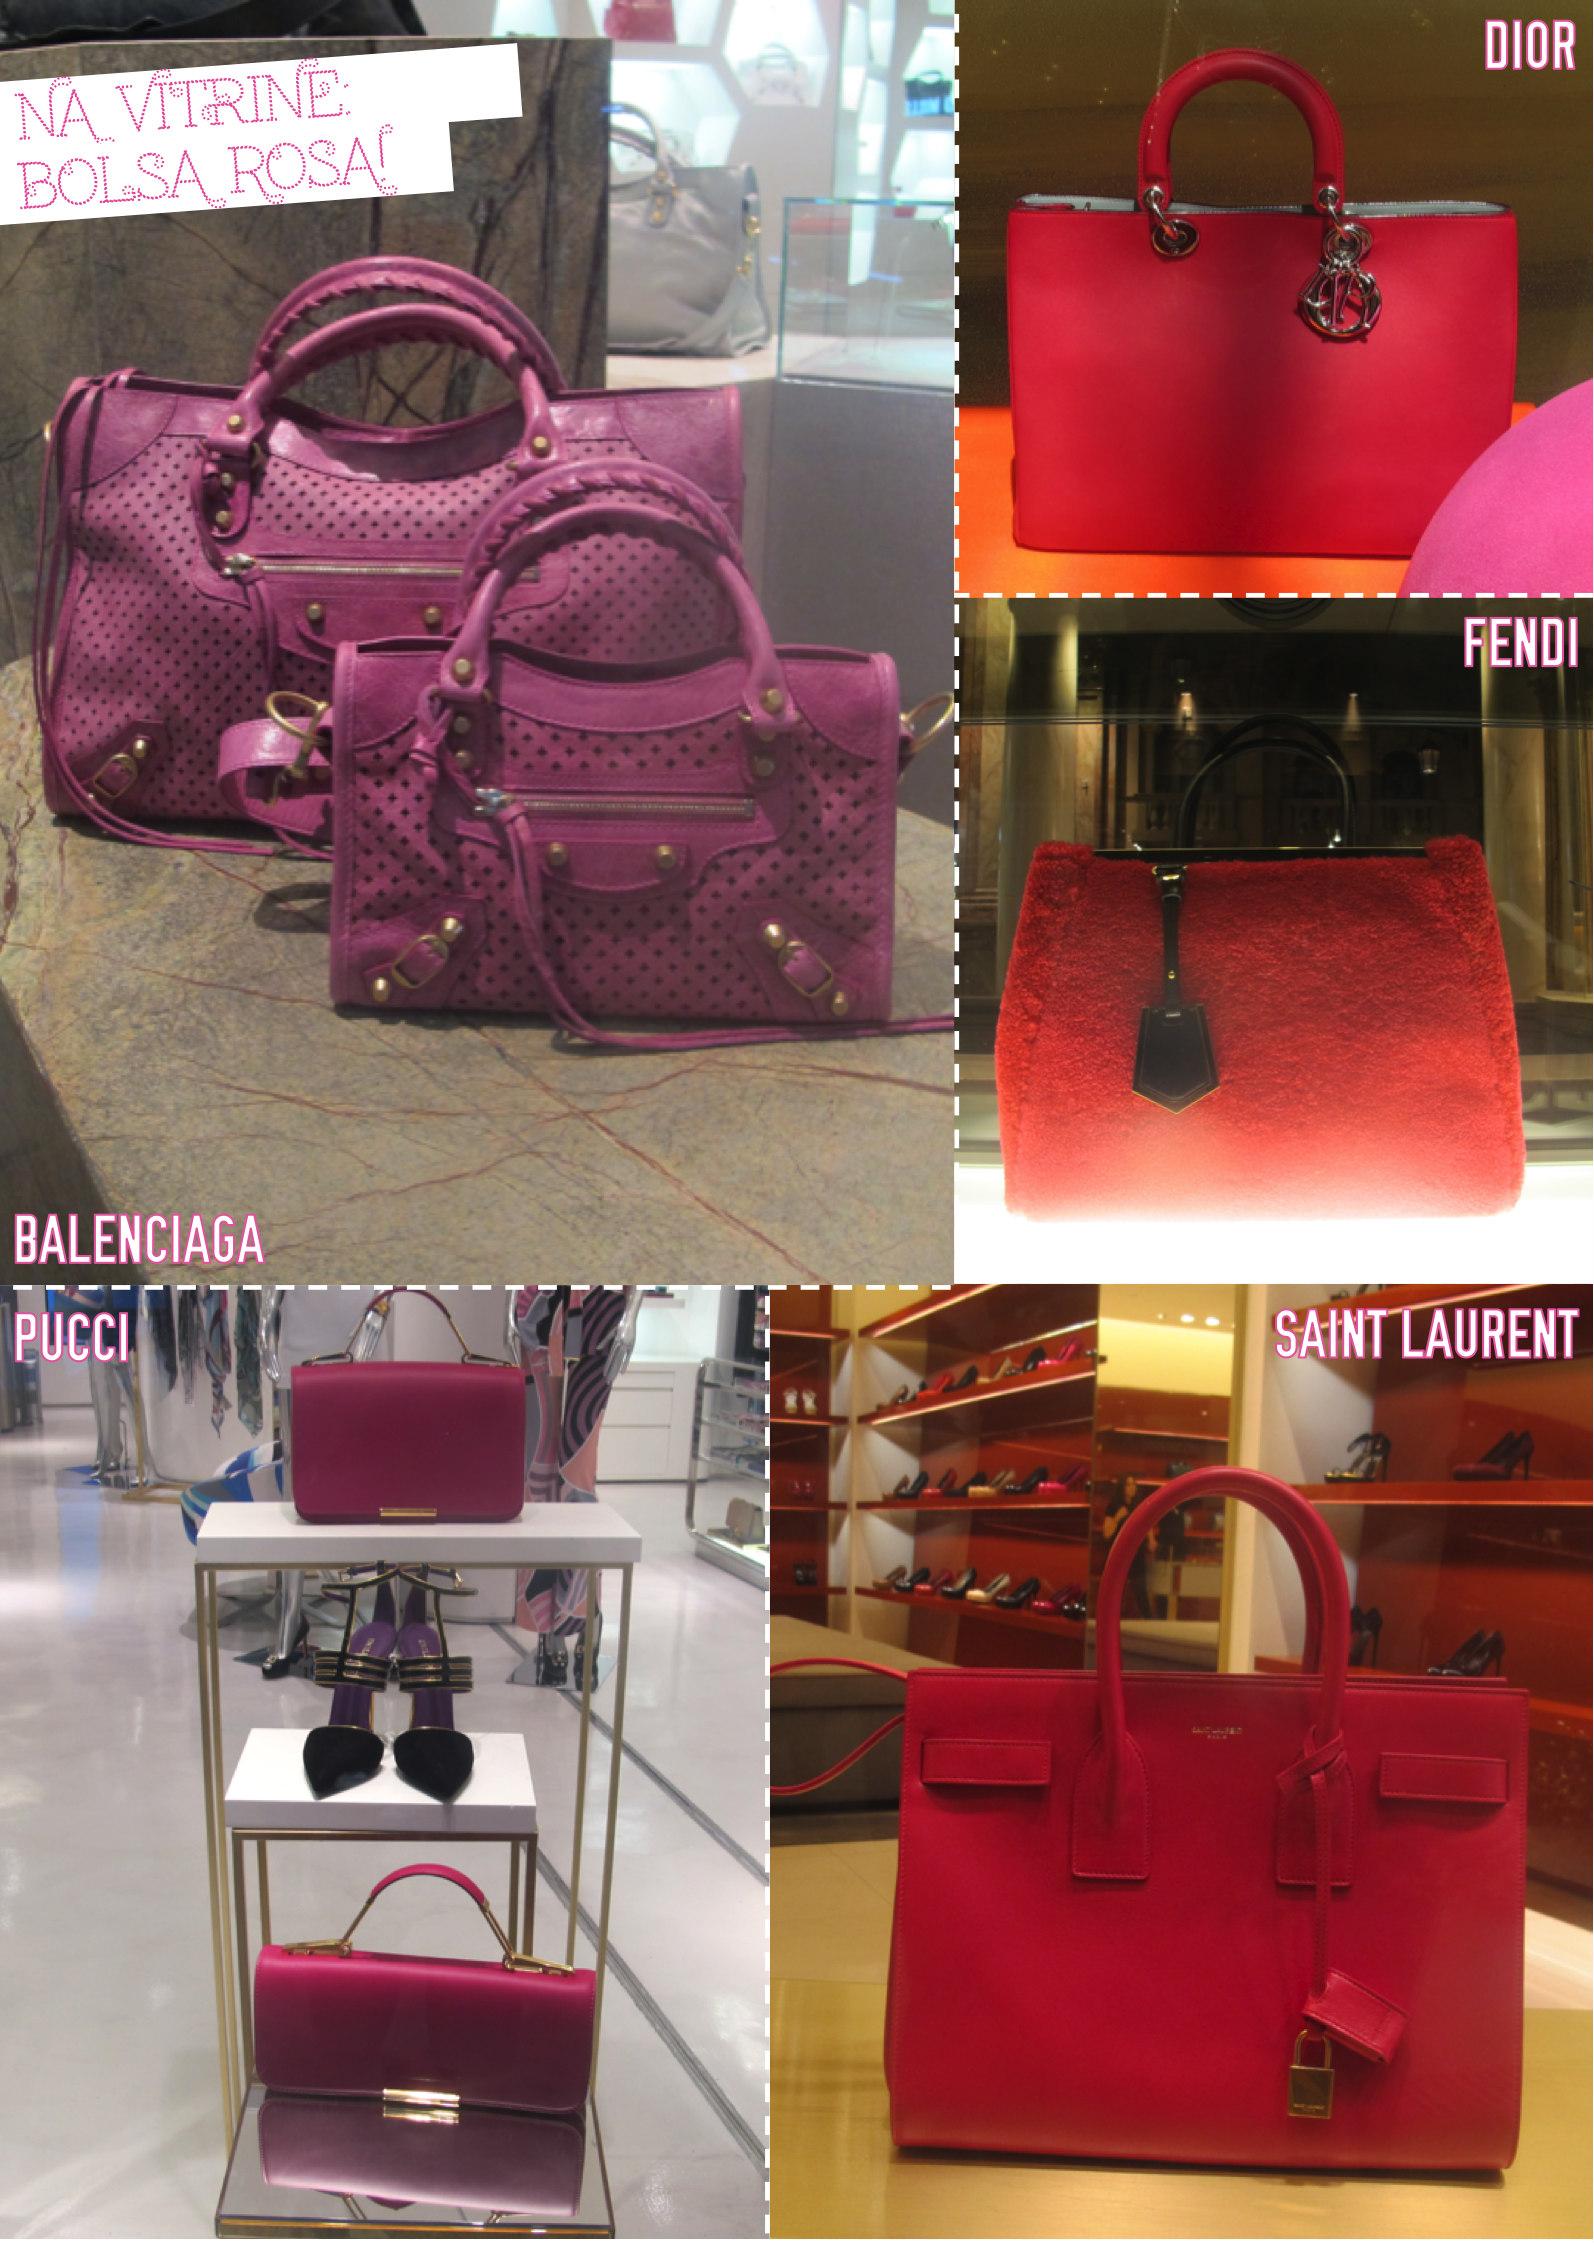 bolsa rosa vitrine